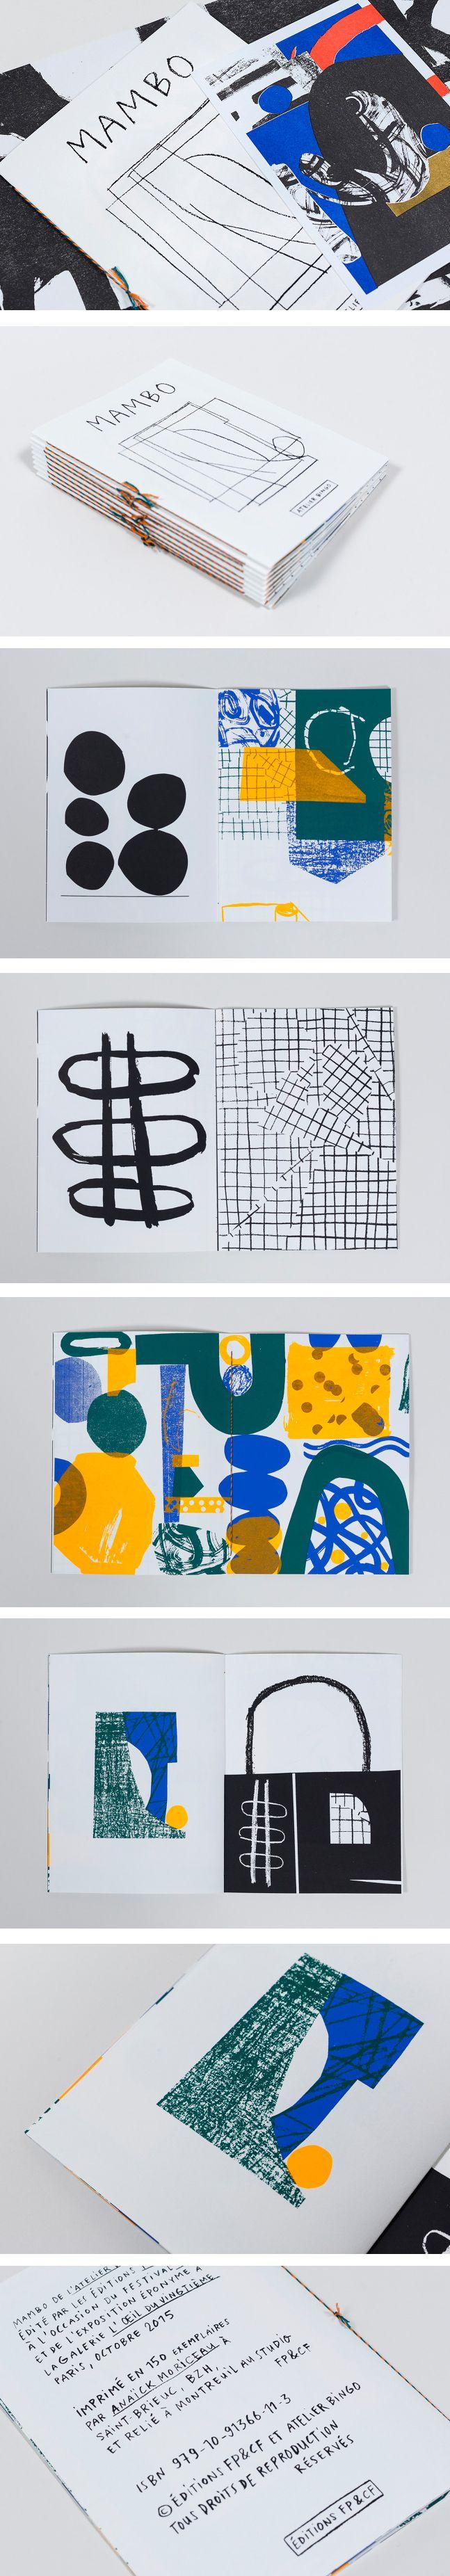 Para re-inaugurar a sessão do site dedicada a artistas, apresentamos o Atelier Bingo! Composto pelos artistas visuais Maxime Prou & Adèle Favreau, dois ilustradores e designers gráficos franceses. O trabalho deles é o resultado de uma constante experimentação de técnicas gráficas com té